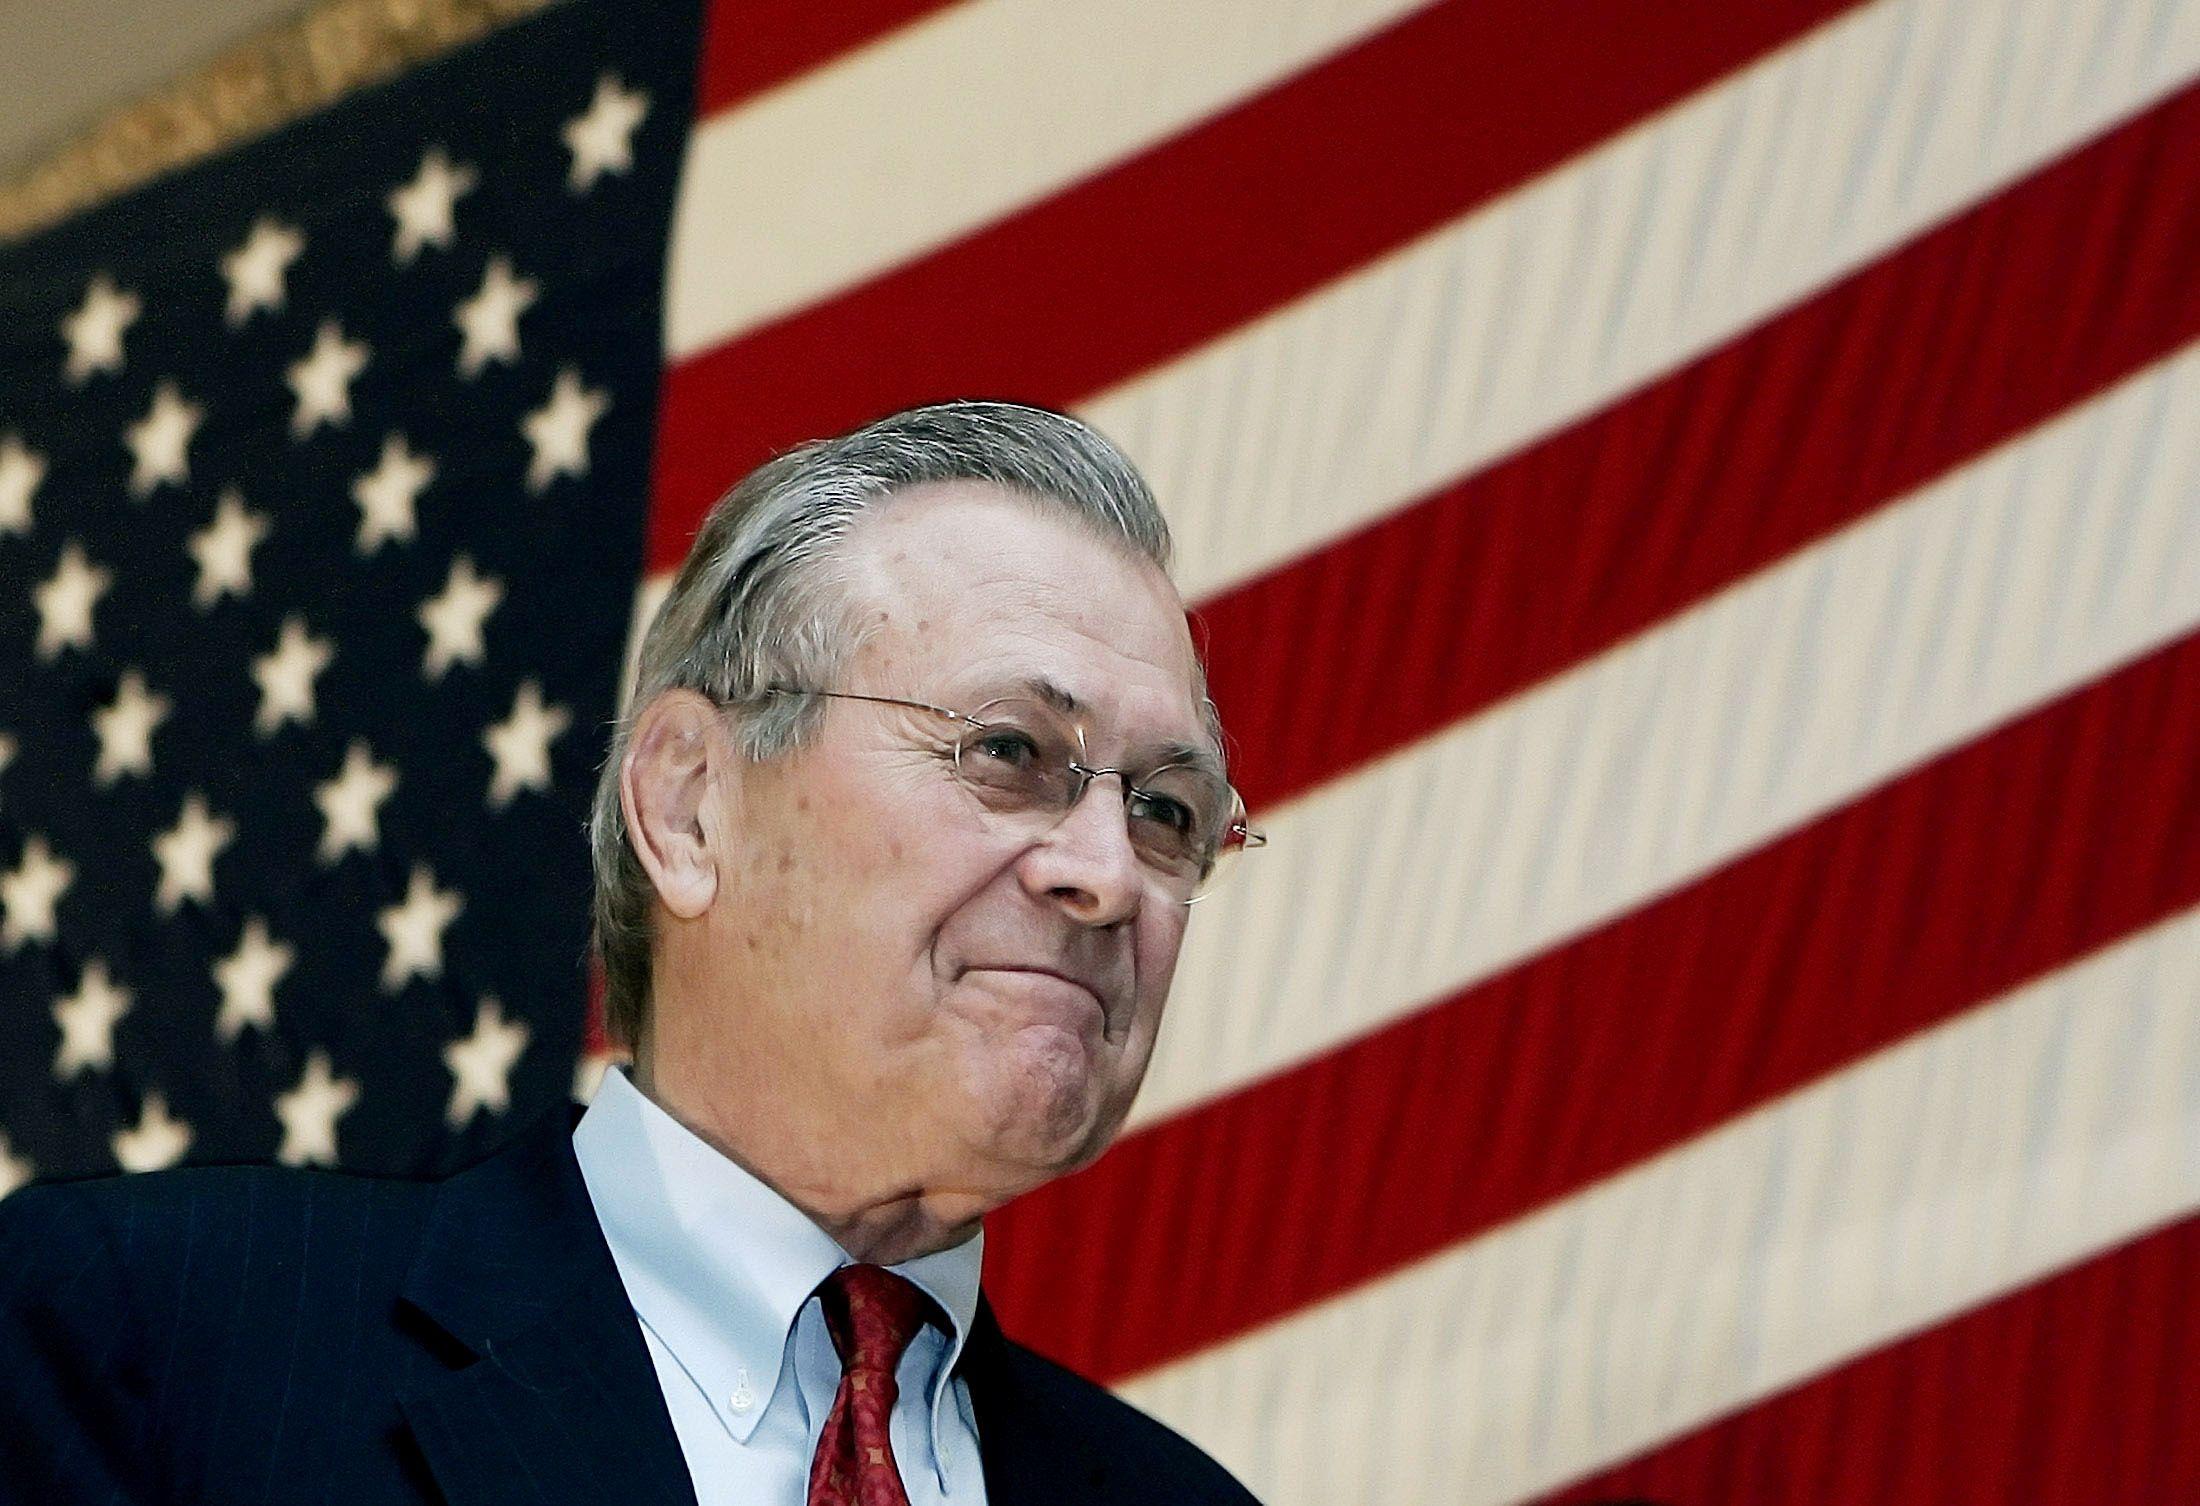 El Secretario de Defensa de Estados Unidos, Donald Rumsfeld, llega al escenario para dirigirse a las tropas en Bagram, Afganistán, el 22 de diciembre de 2005 (Foto: REUTERS/Jim Young)